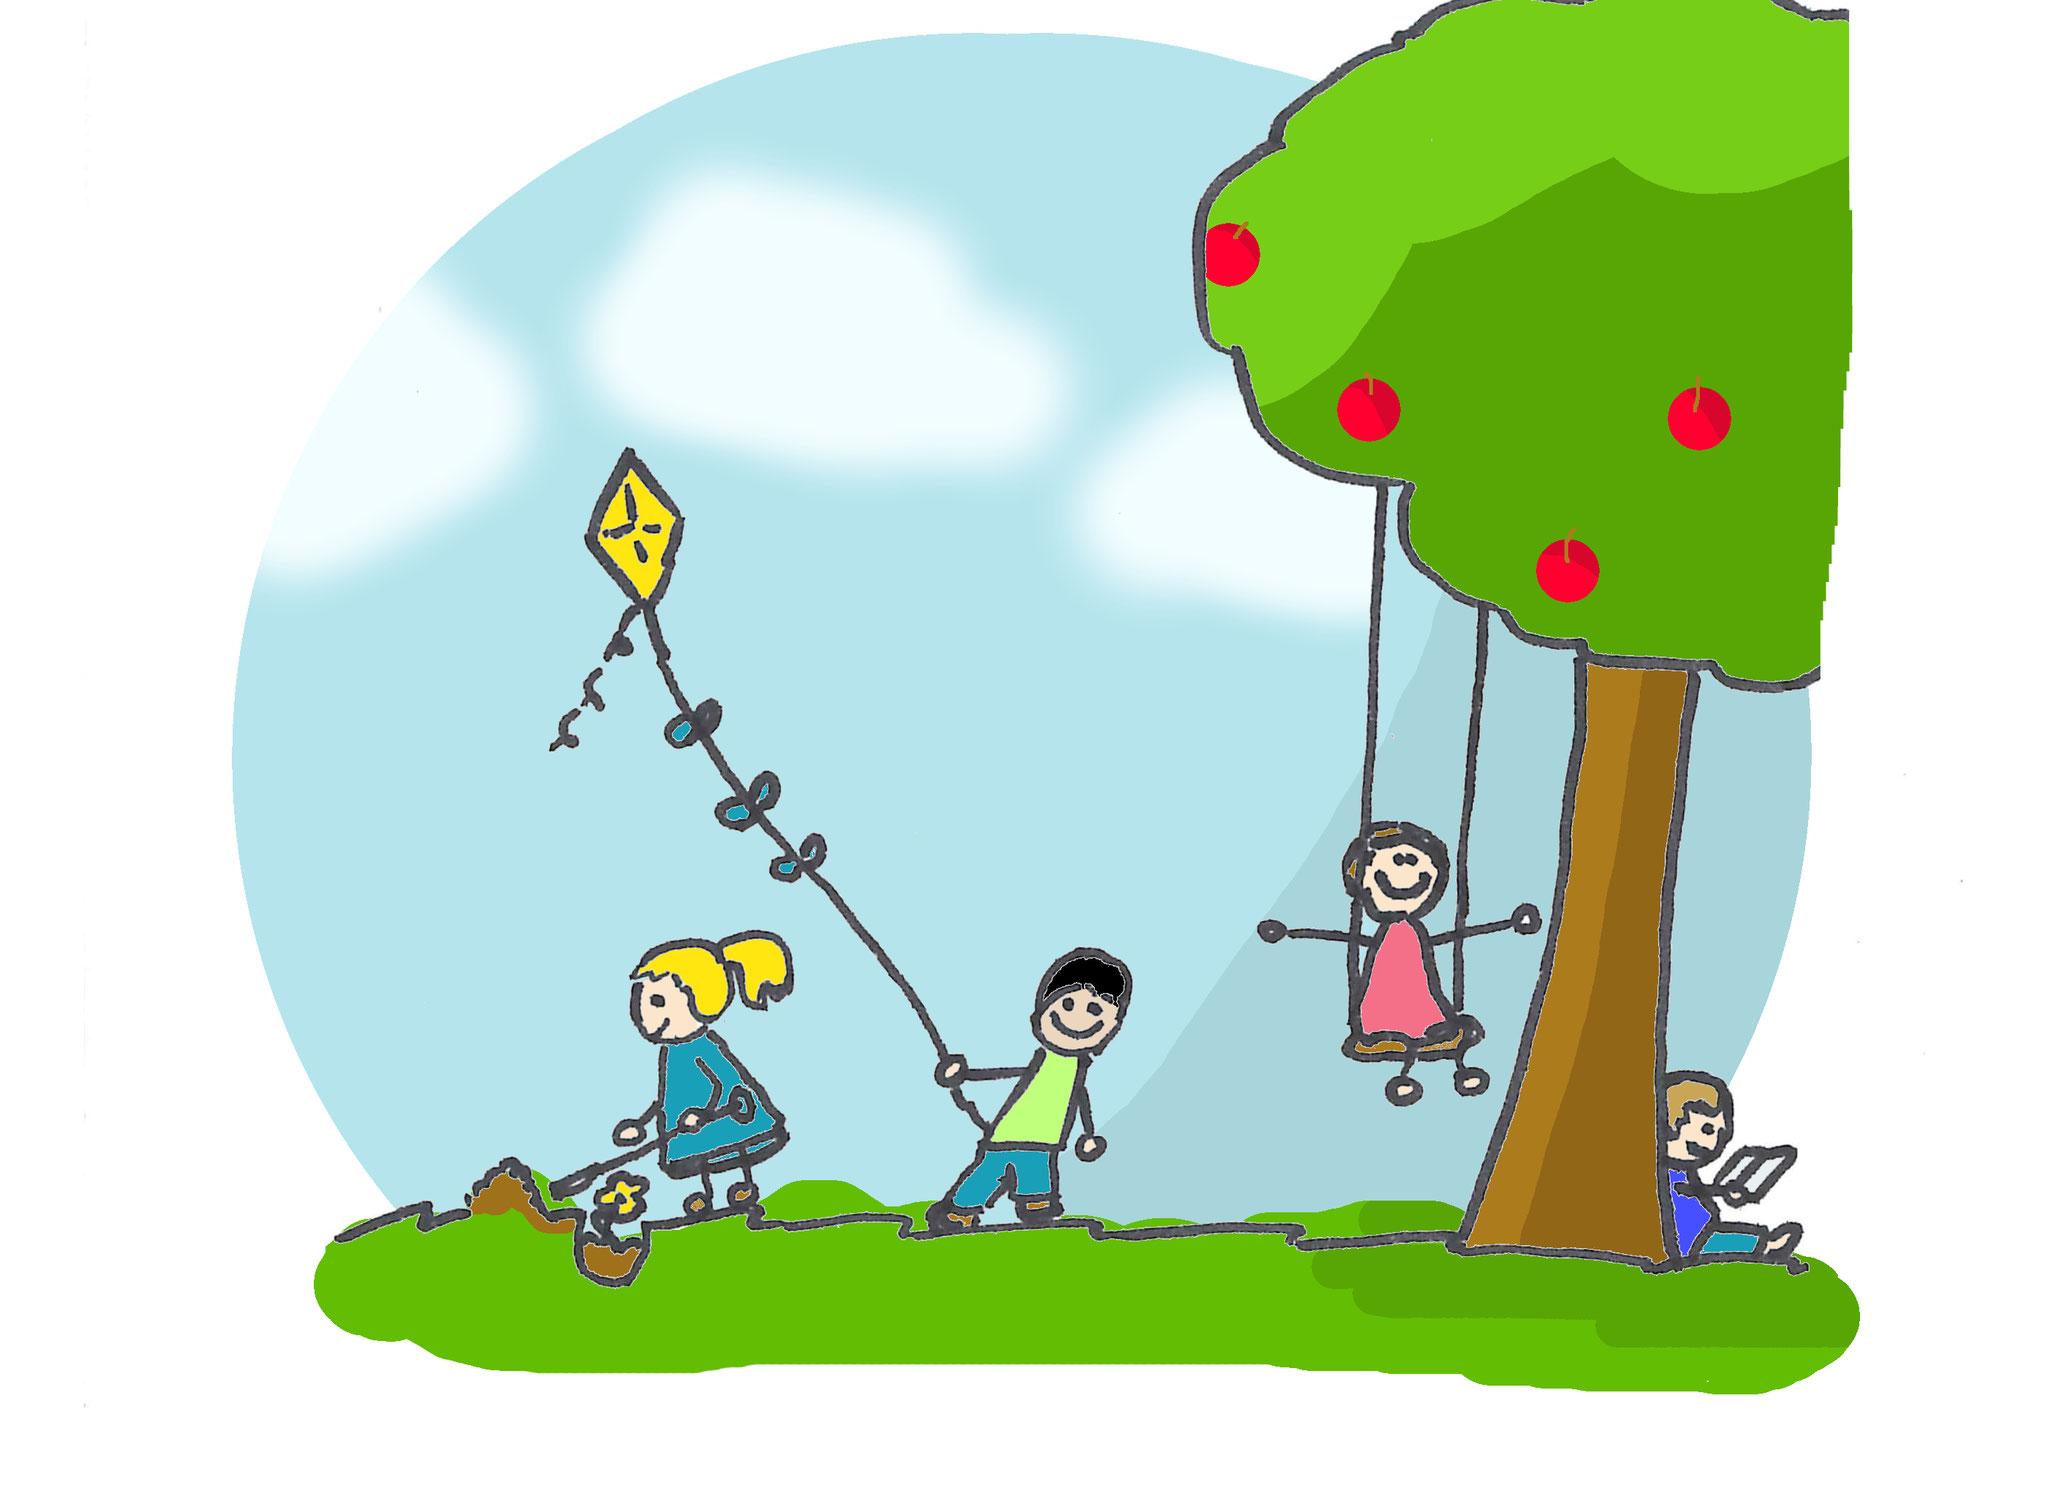 """6. Draußen-Spiele: Blinde Kuh, Himmel und Hölle hüpfen, Verstecken, Natur-Parcours, """"Ich sehe was, was du nicht siehst"""". Welches Kind kennt diese Spiele heute noch? Probiert es aus. Vielleicht haben auch Eltern und Großeltern Ideen."""